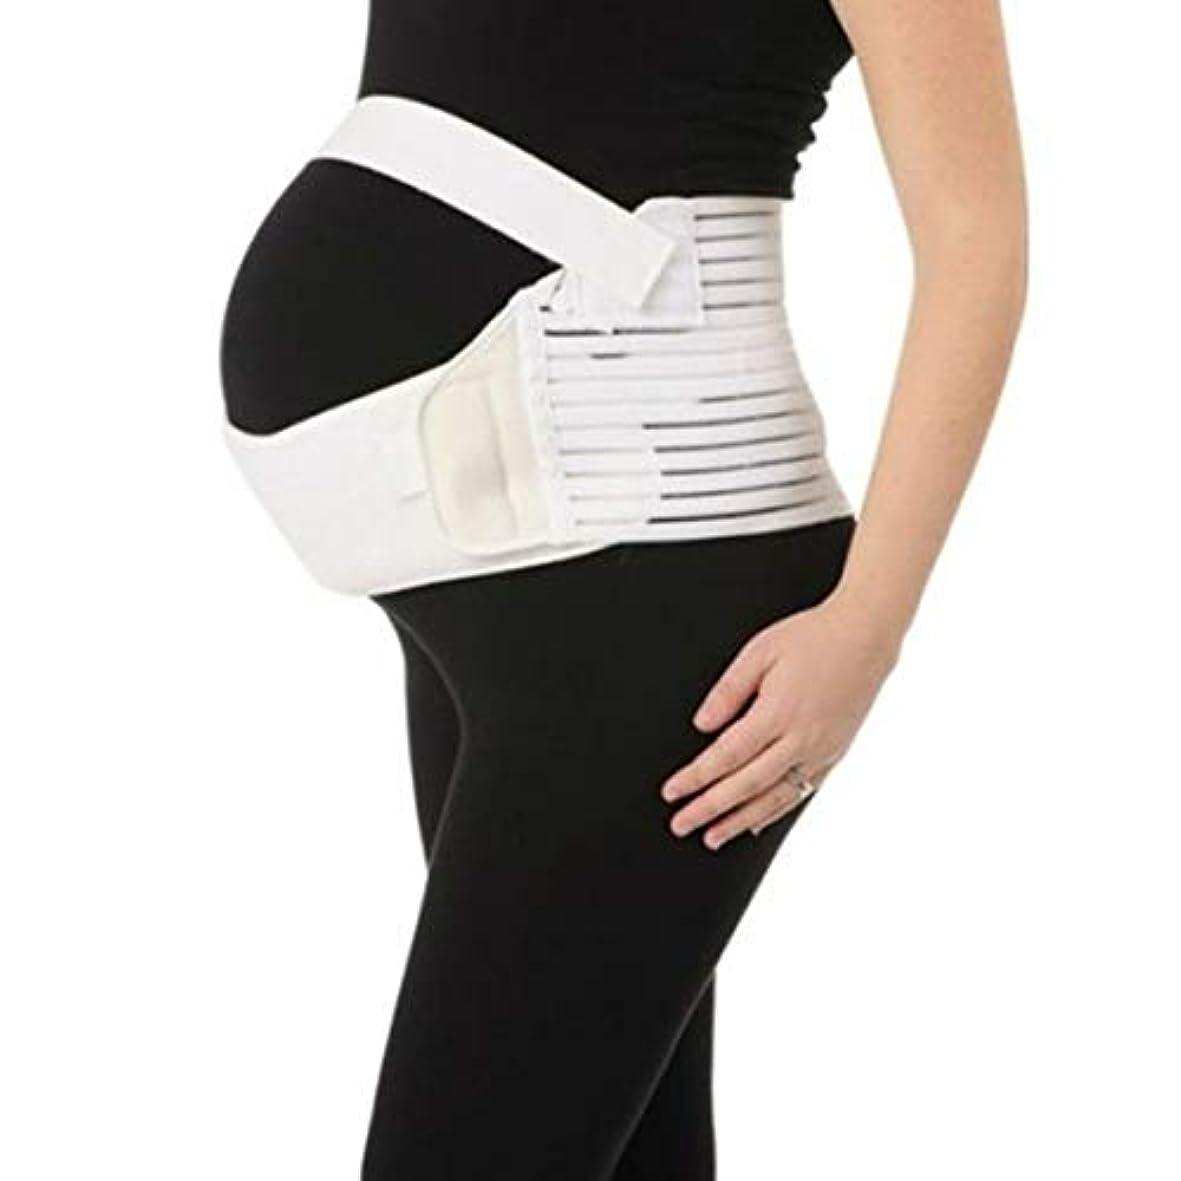 スロットミス森林通気性マタニティベルト妊娠腹部サポート腹部バインダーガードル運動包帯産後の回復shapewear - ホワイトL